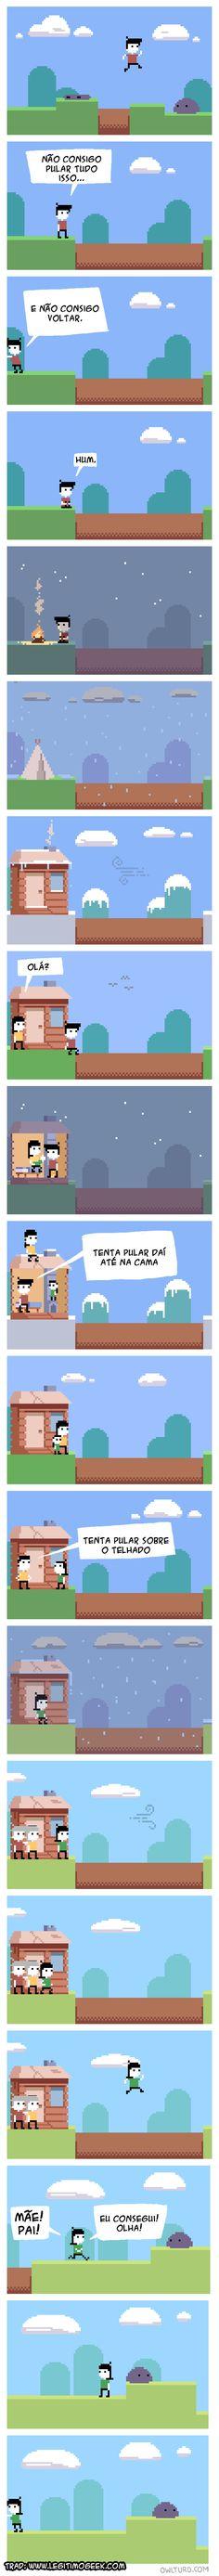 Se a vida fosse um jogo 2D Apesar de eu estar colocando na pasta de humor, isso é muito triste ;-;